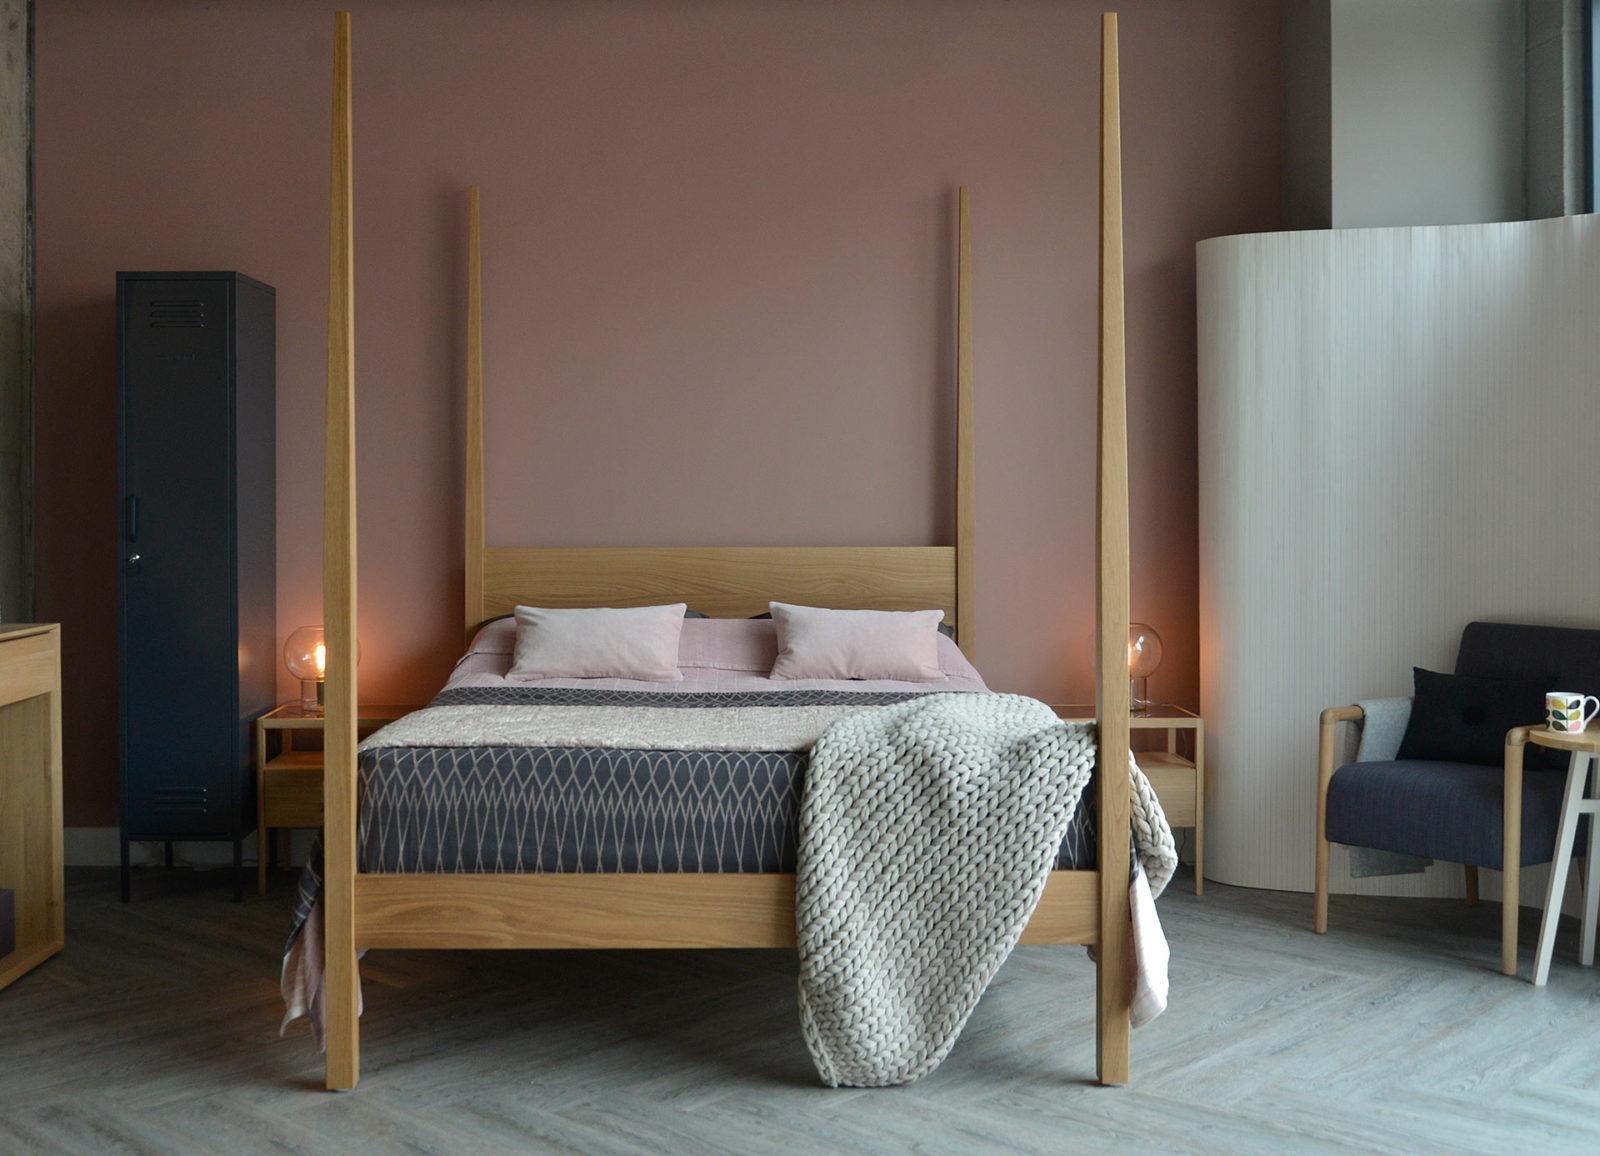 Hatfield tall post bed in solid oak shown in Kingsize